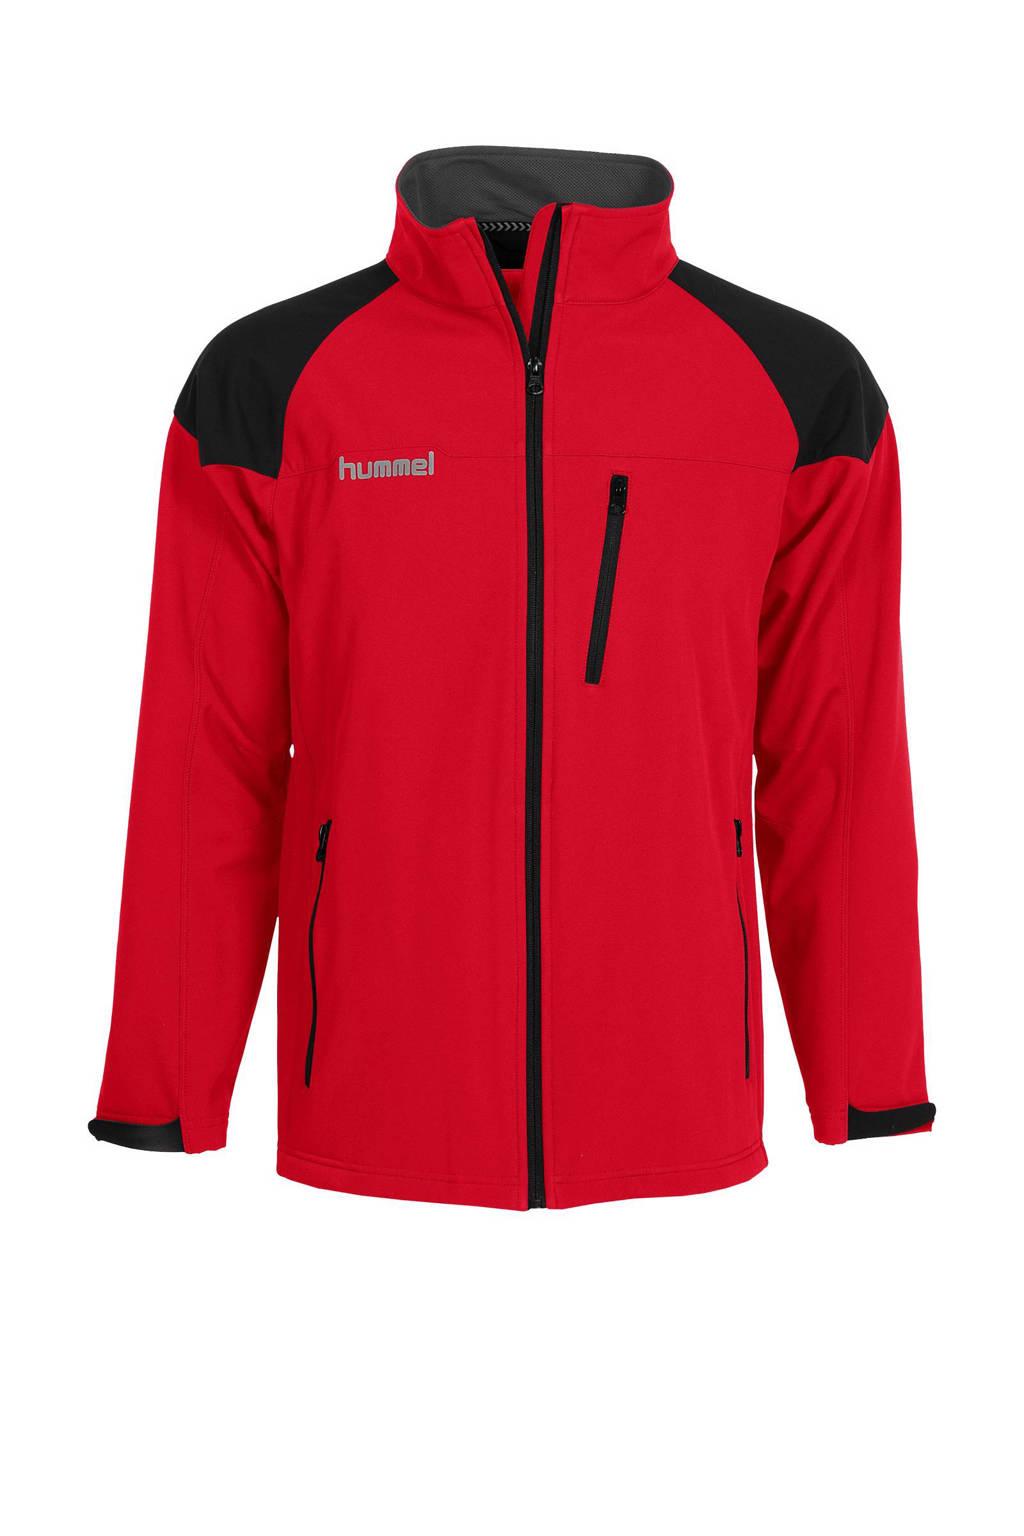 hummel   sportjack, Rood/zwart